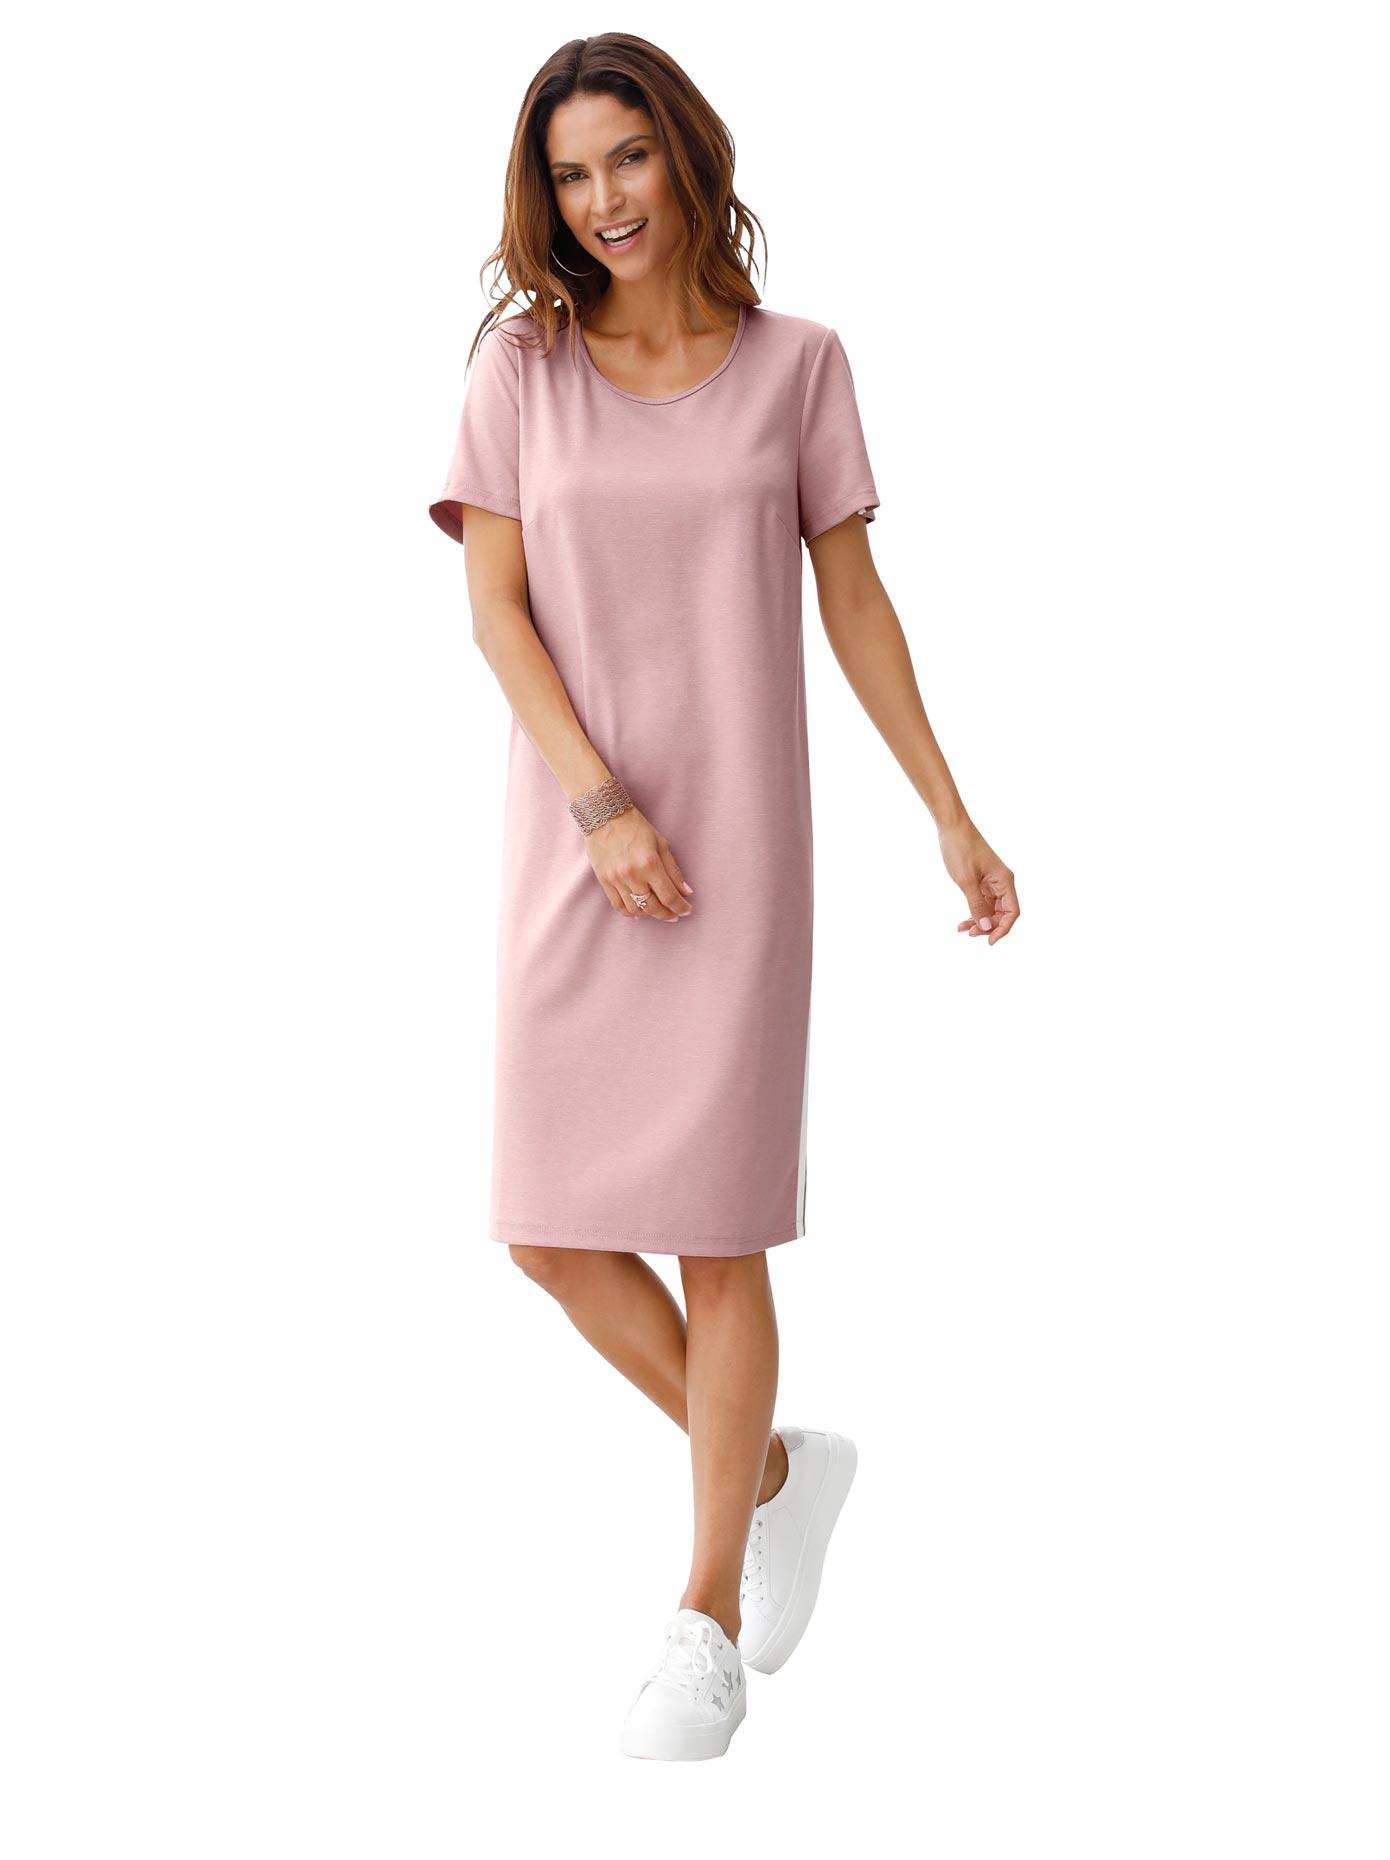 Classic Inspirationen Jersey-Kleid in gerader Schnittführung | Bekleidung > Kleider | Rosa | Jersey | Classic Inspirationen